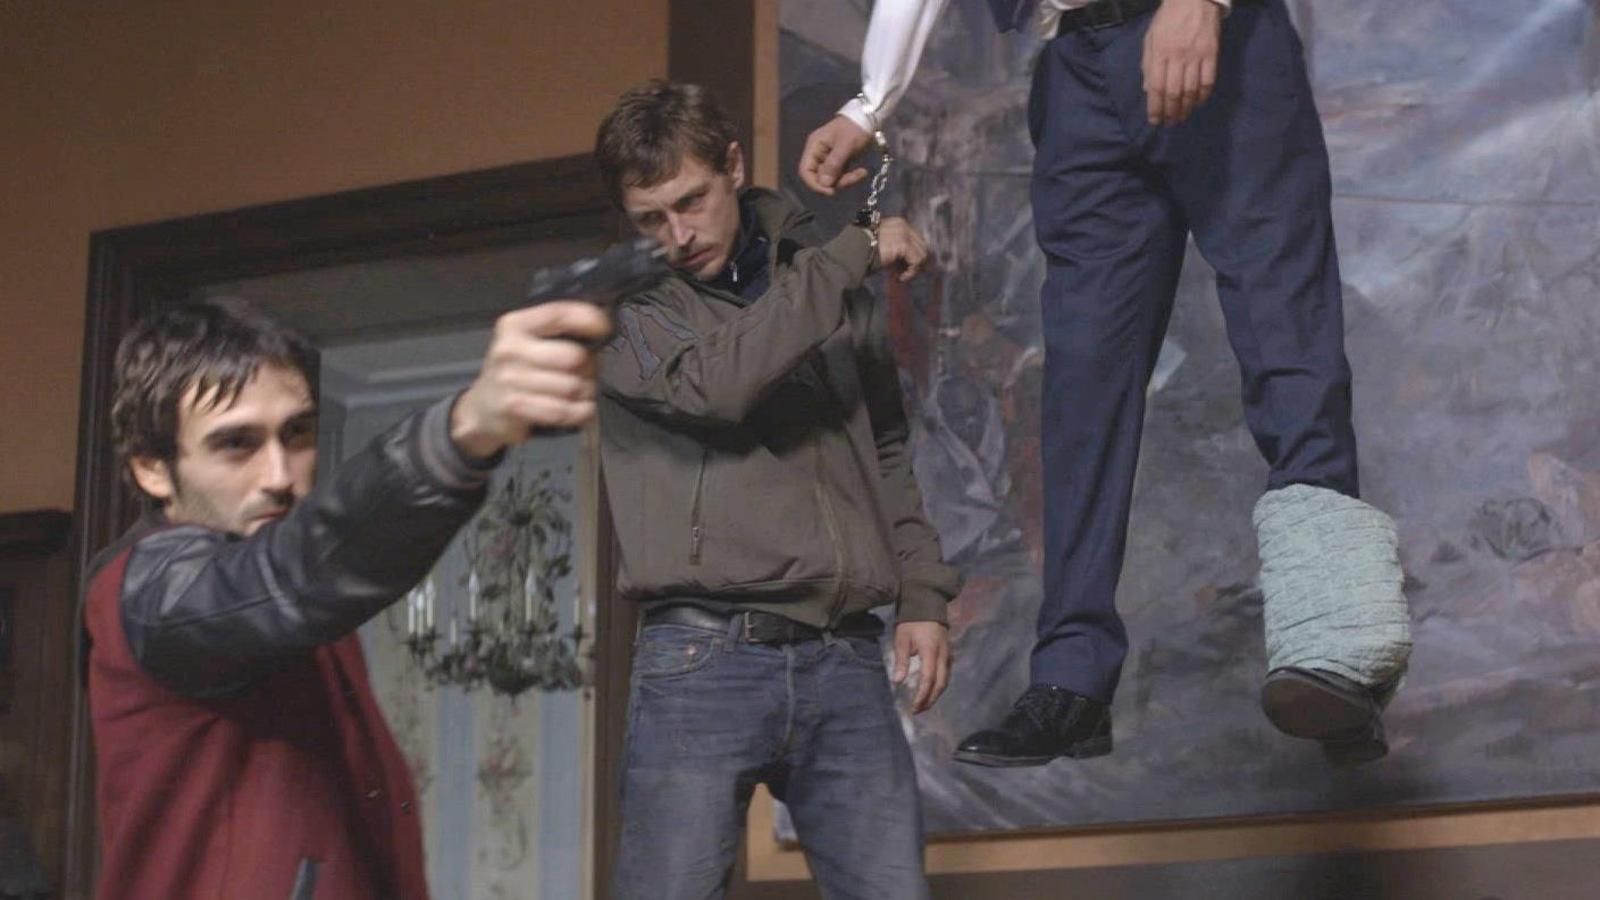 Un jeune homme tient un pistolet, un autre derrière lui est menotté à un pendu